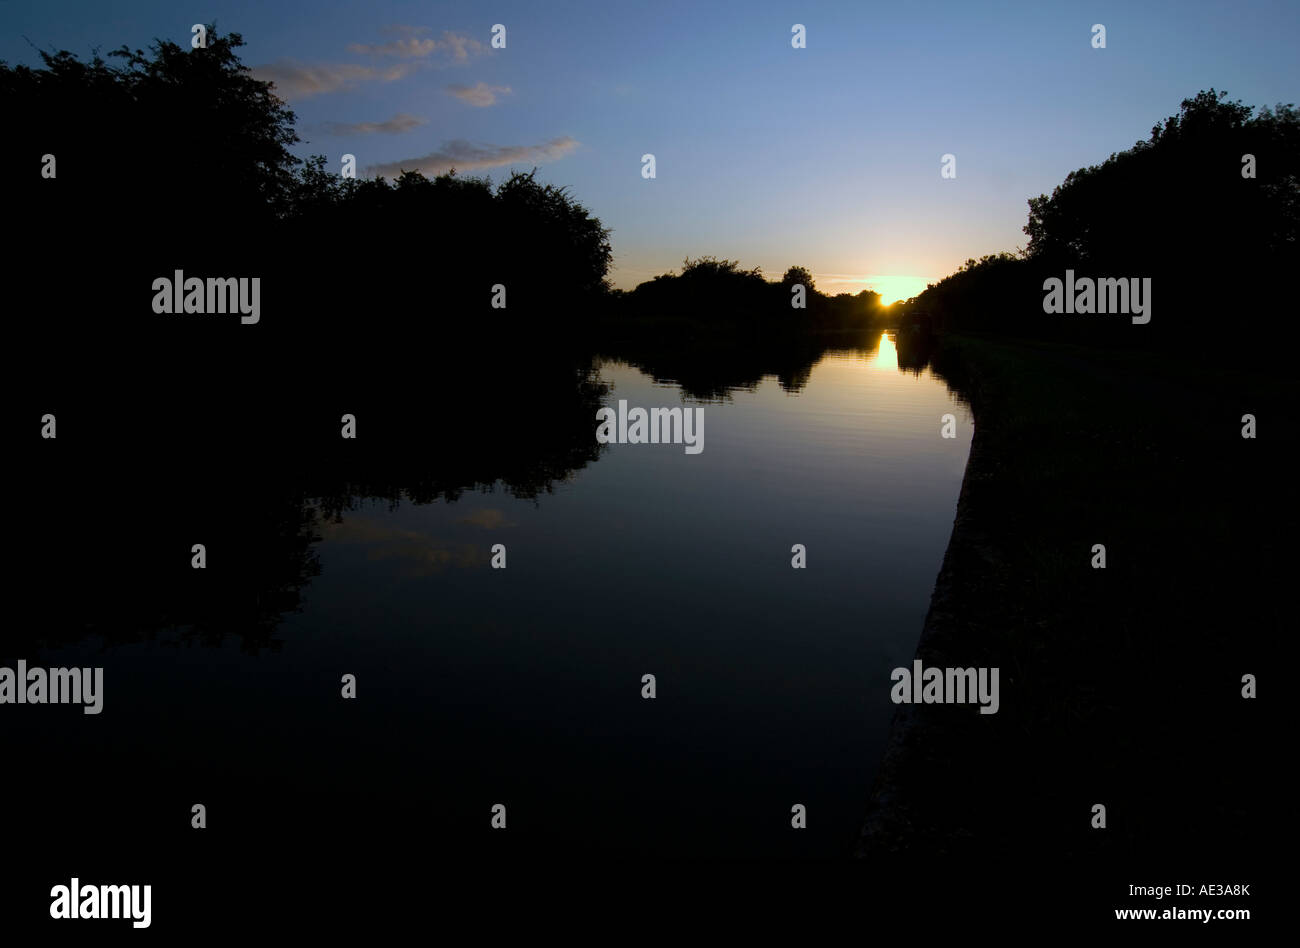 Doug Blane Narrowboat on the canal - Stock Image